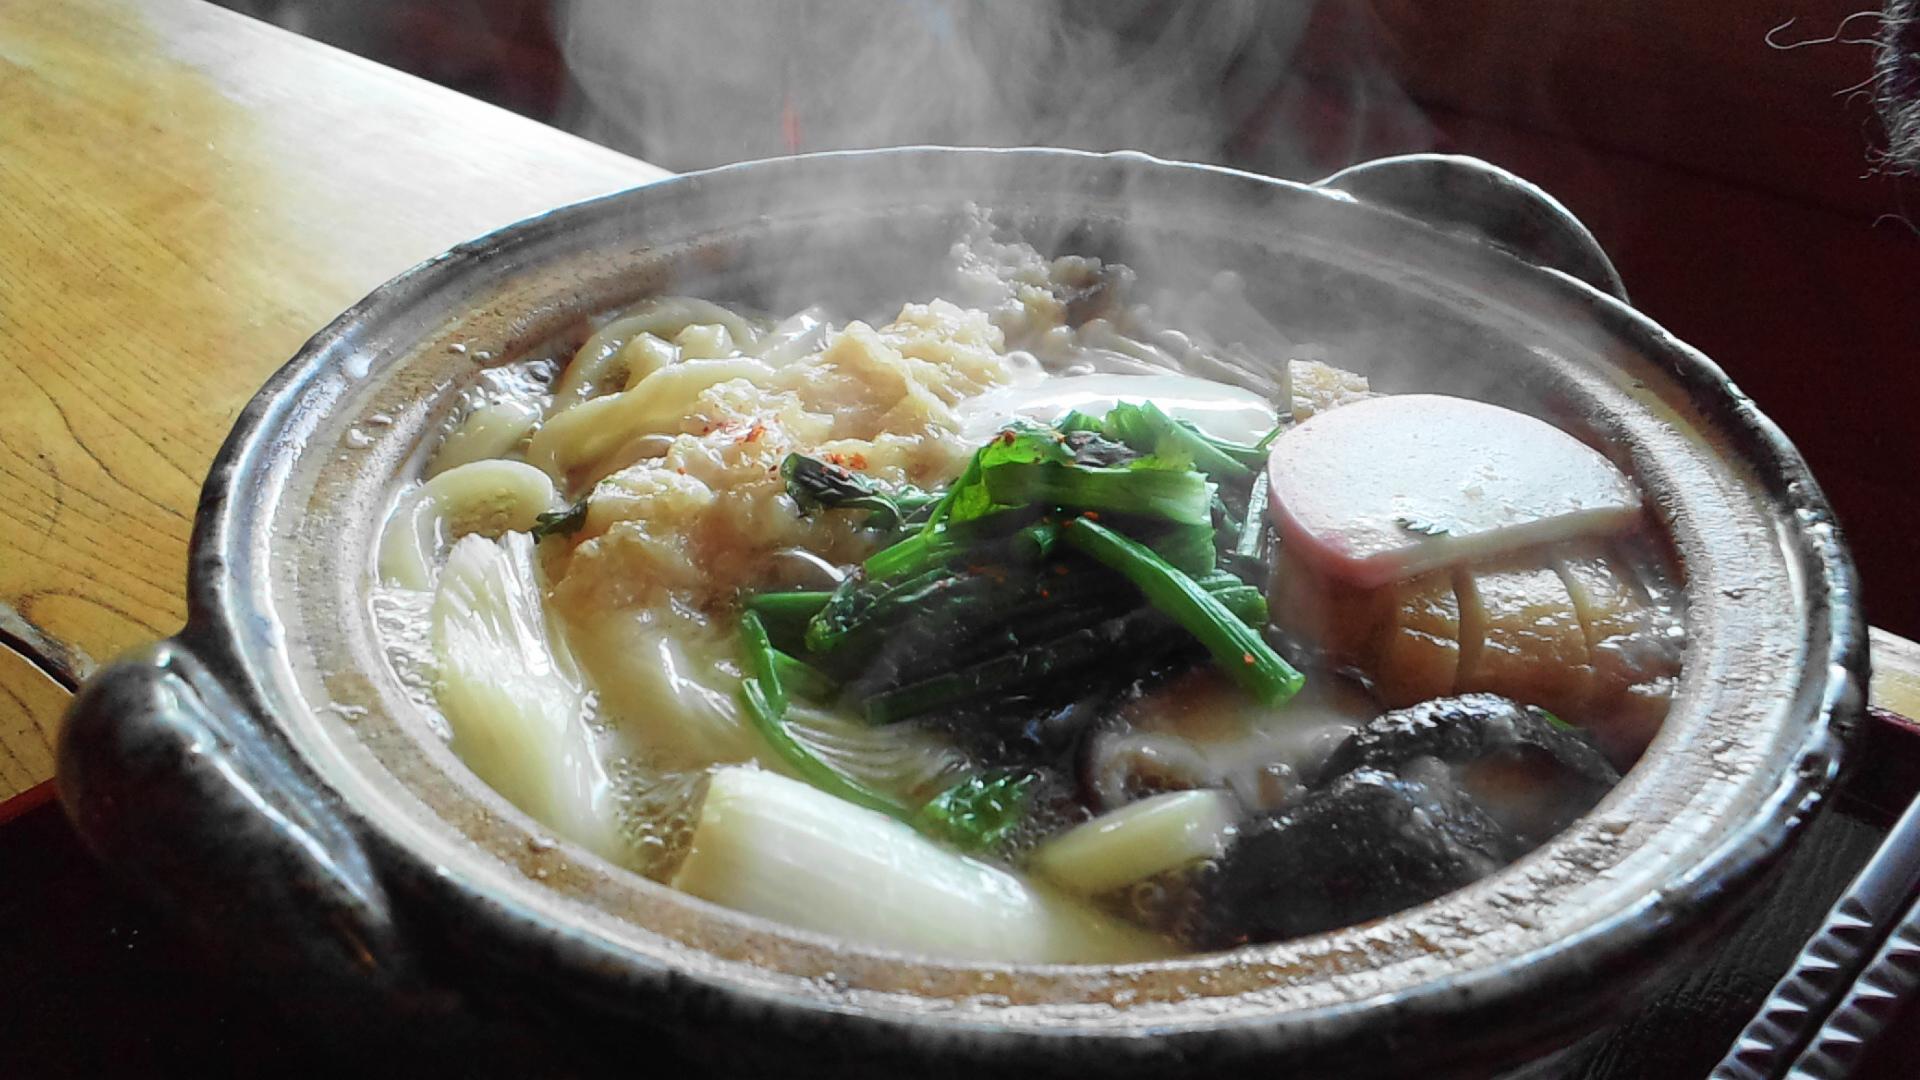 那須冨陽の鍋焼きうどん